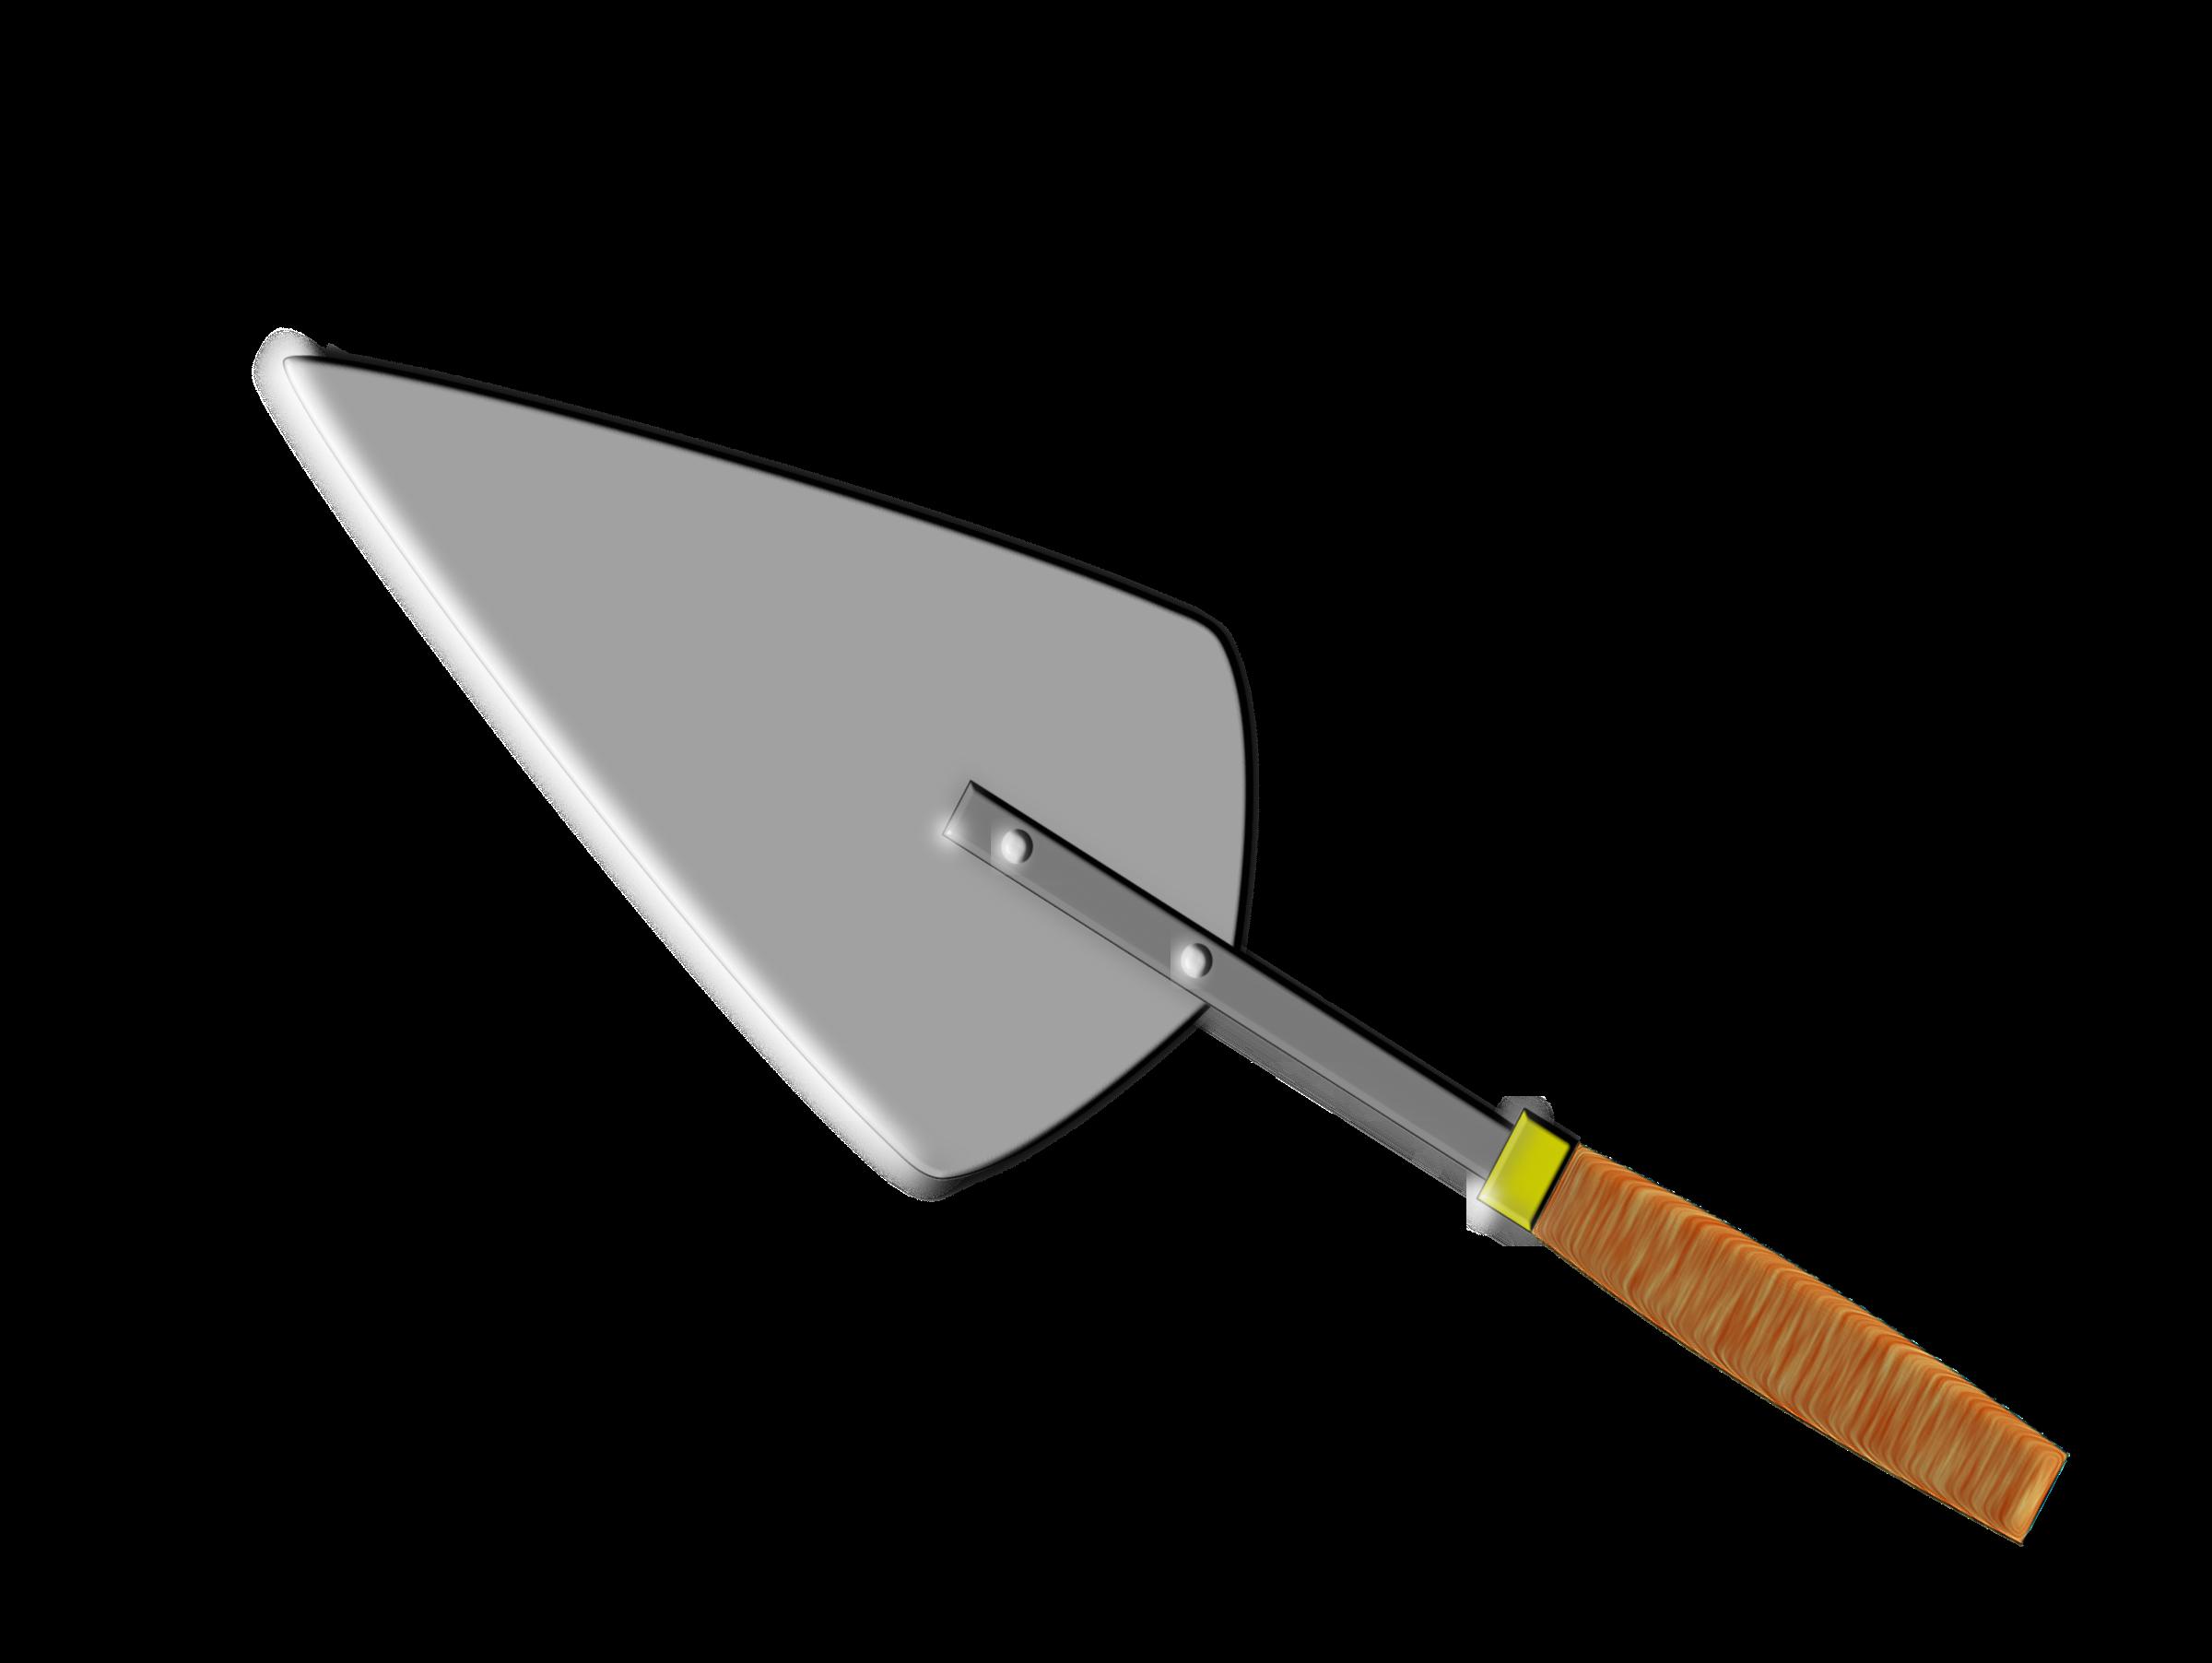 Trowel Clip Art : Clipart mason s trowel